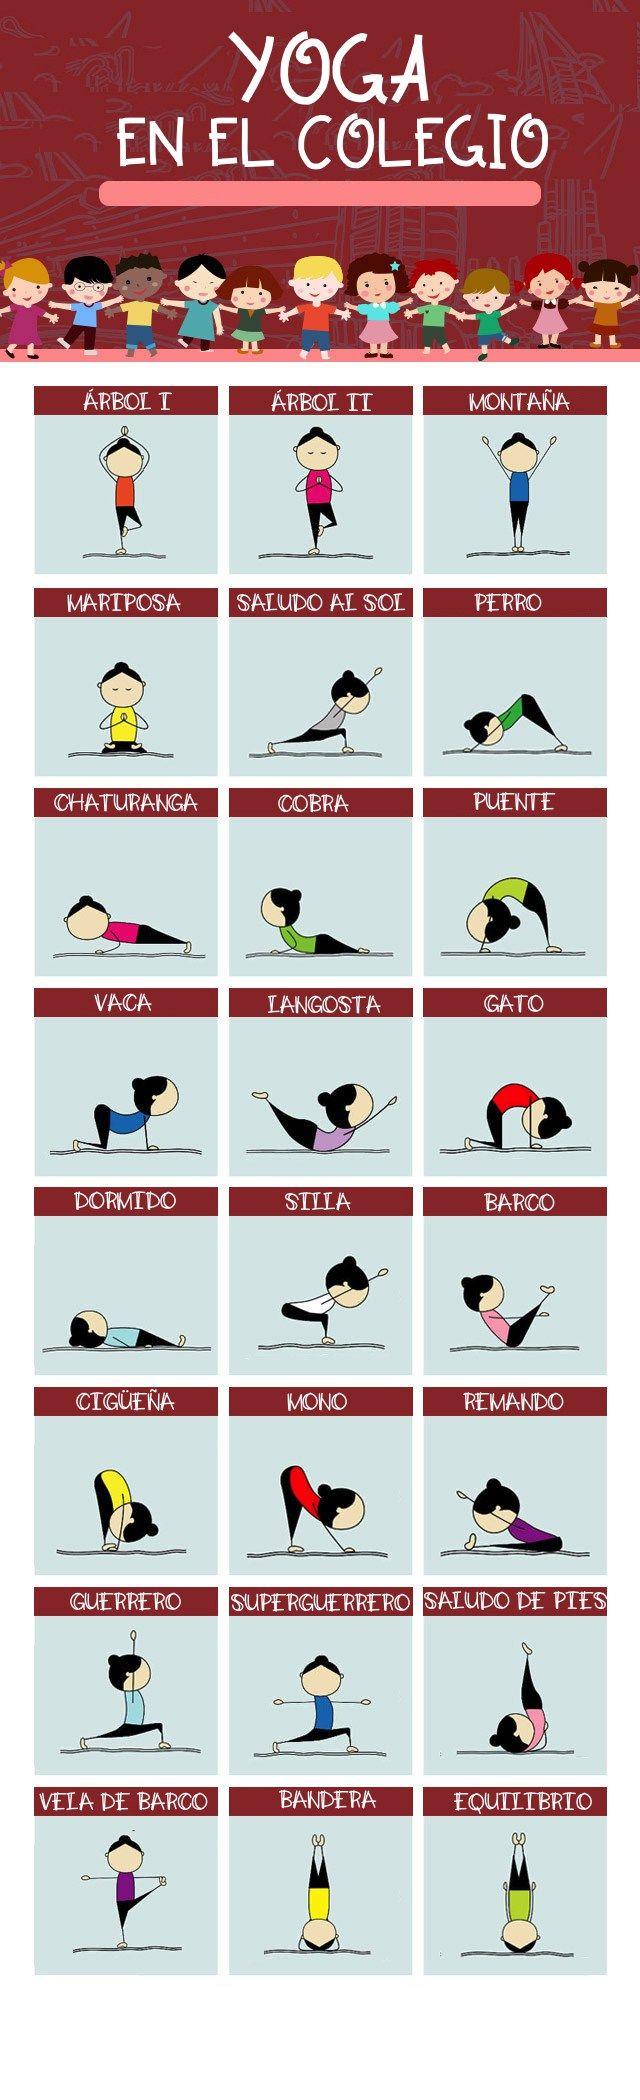 yoga-en-el-colegio-poster-de-posturas